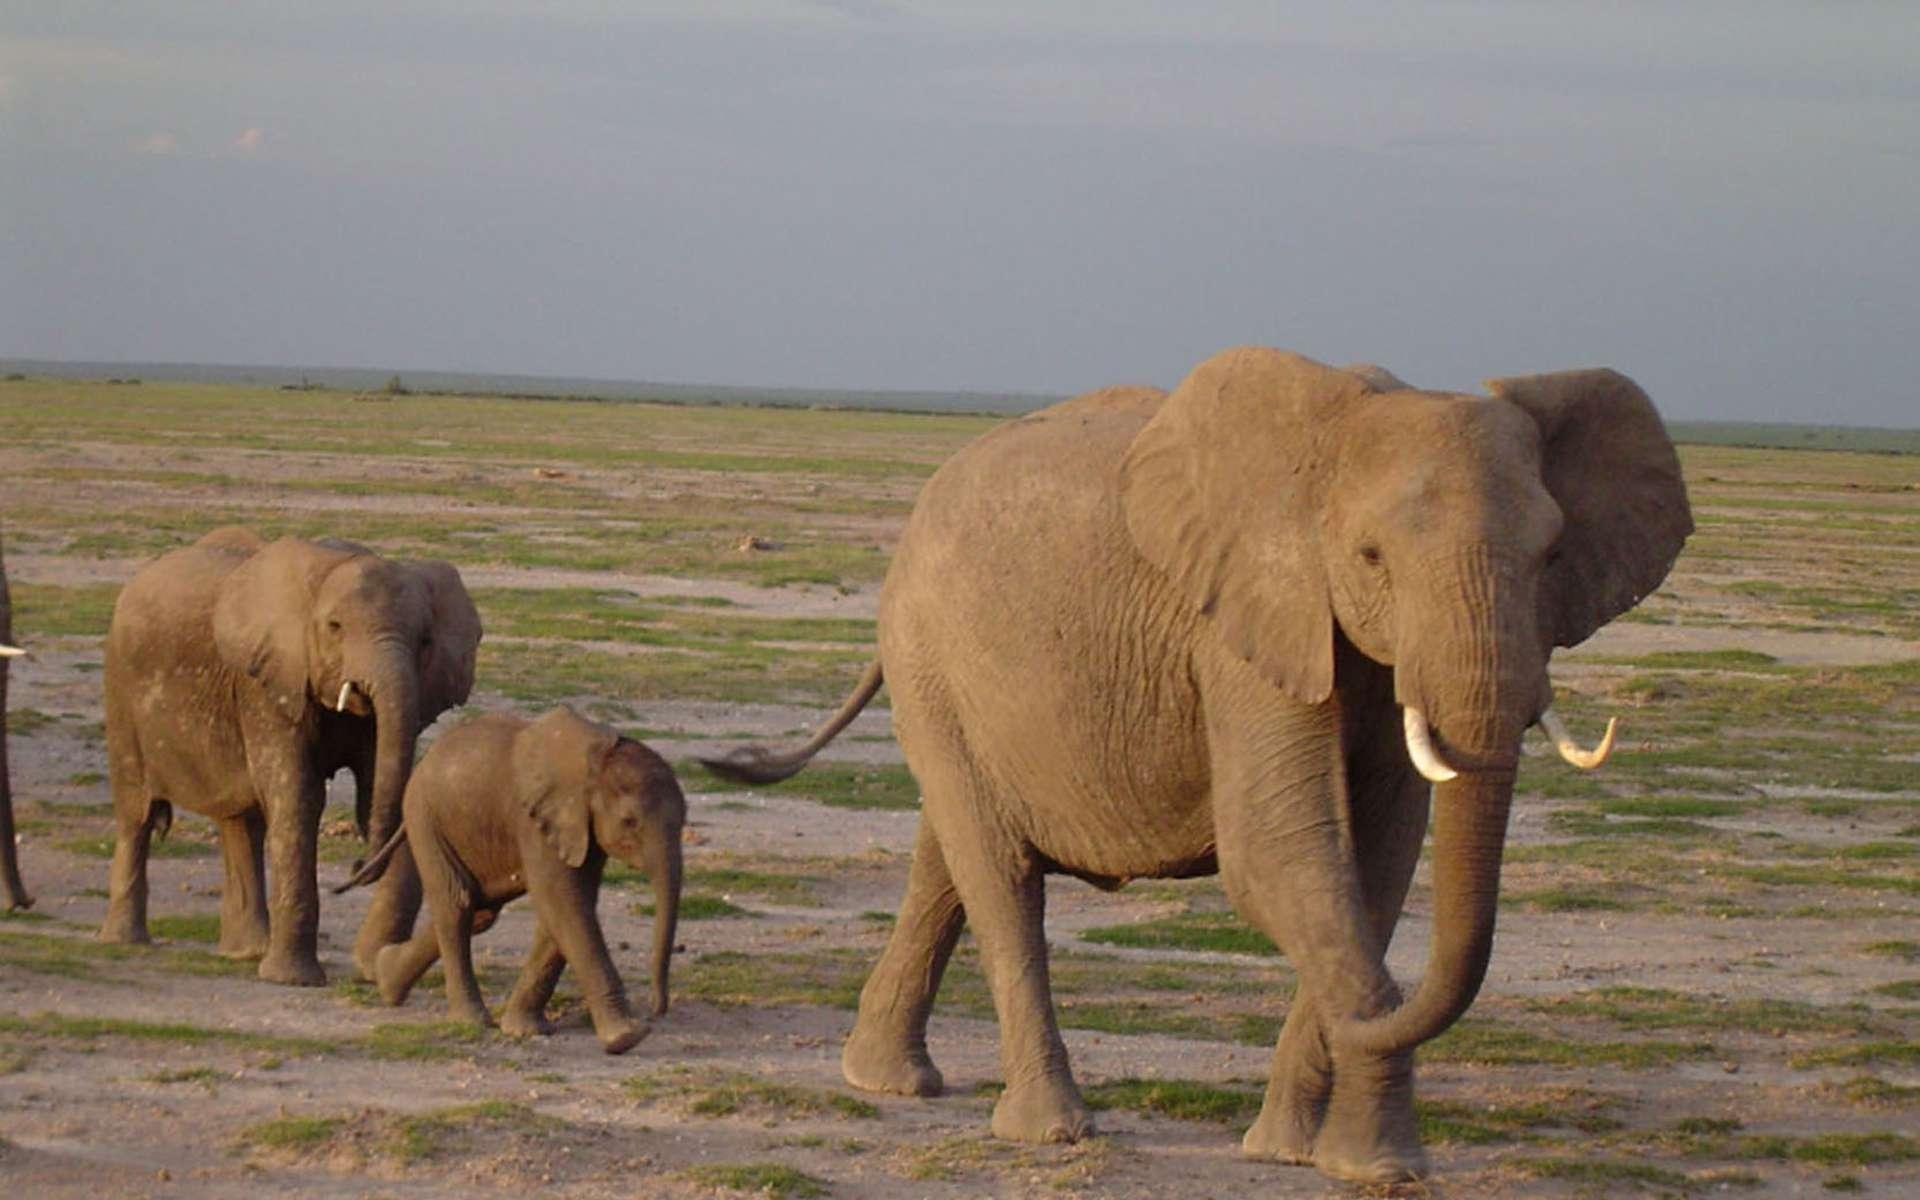 Les Éléphants Produisent Des Sons Inaudibles… Par Vibrations dedans Barrissement Elephant